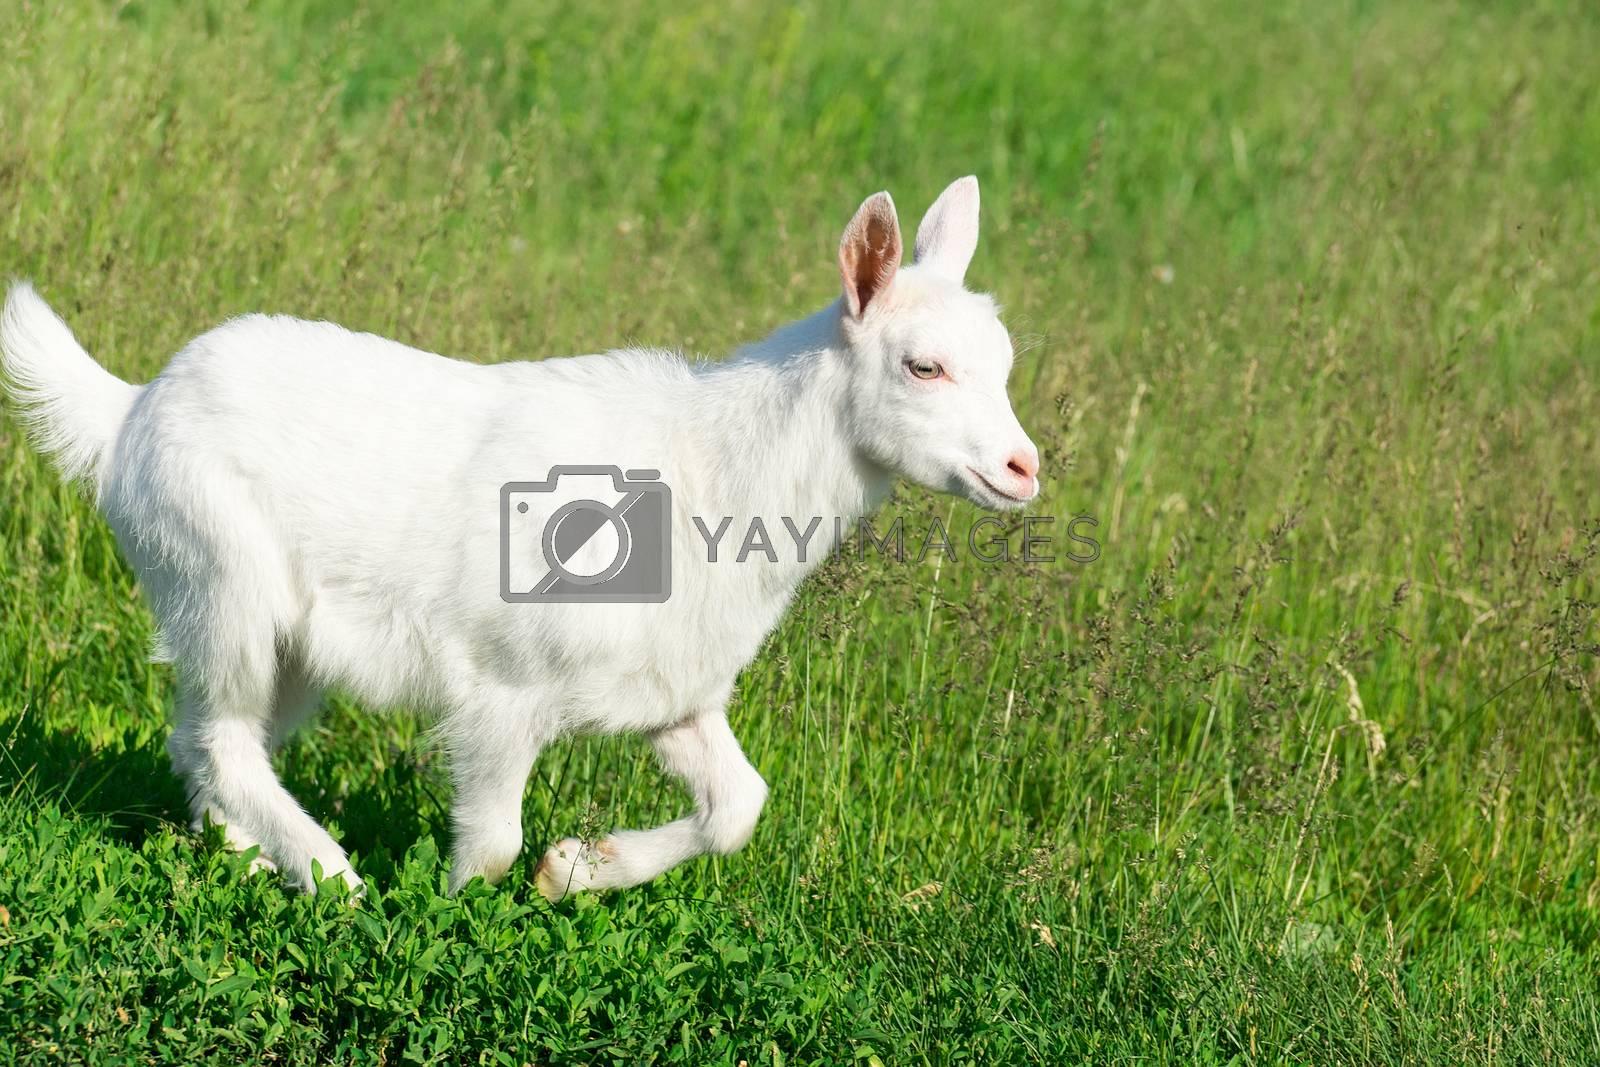 goat in a field of wheat by AlexBush